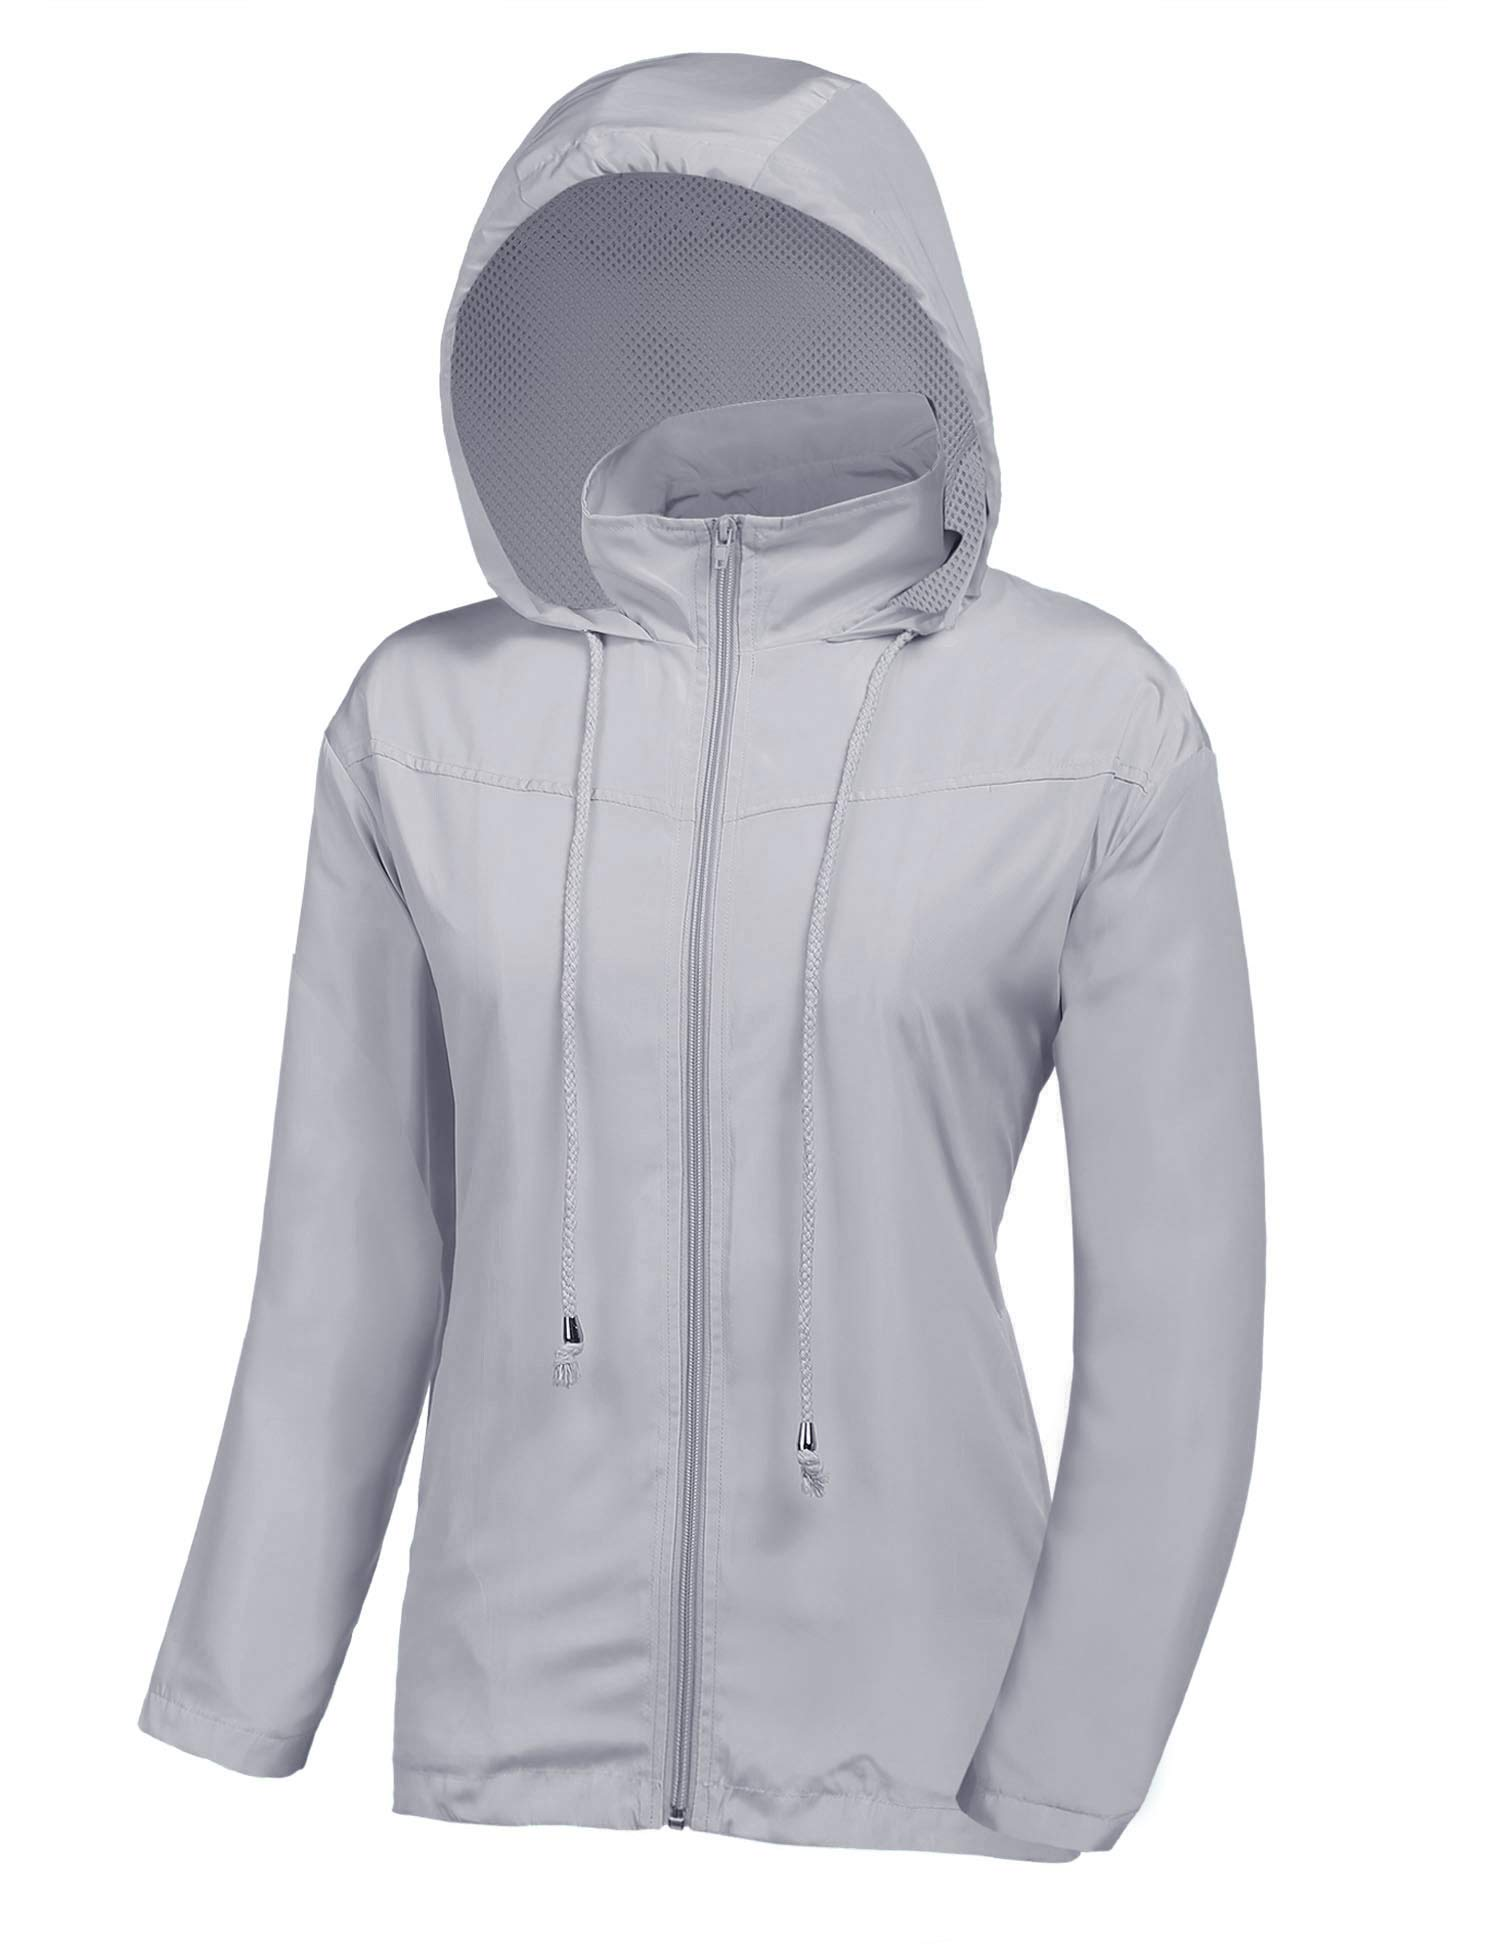 UUANG Women's Lightweight Raincoats Waterproof Active Outdoor Hooded Rain Jacket